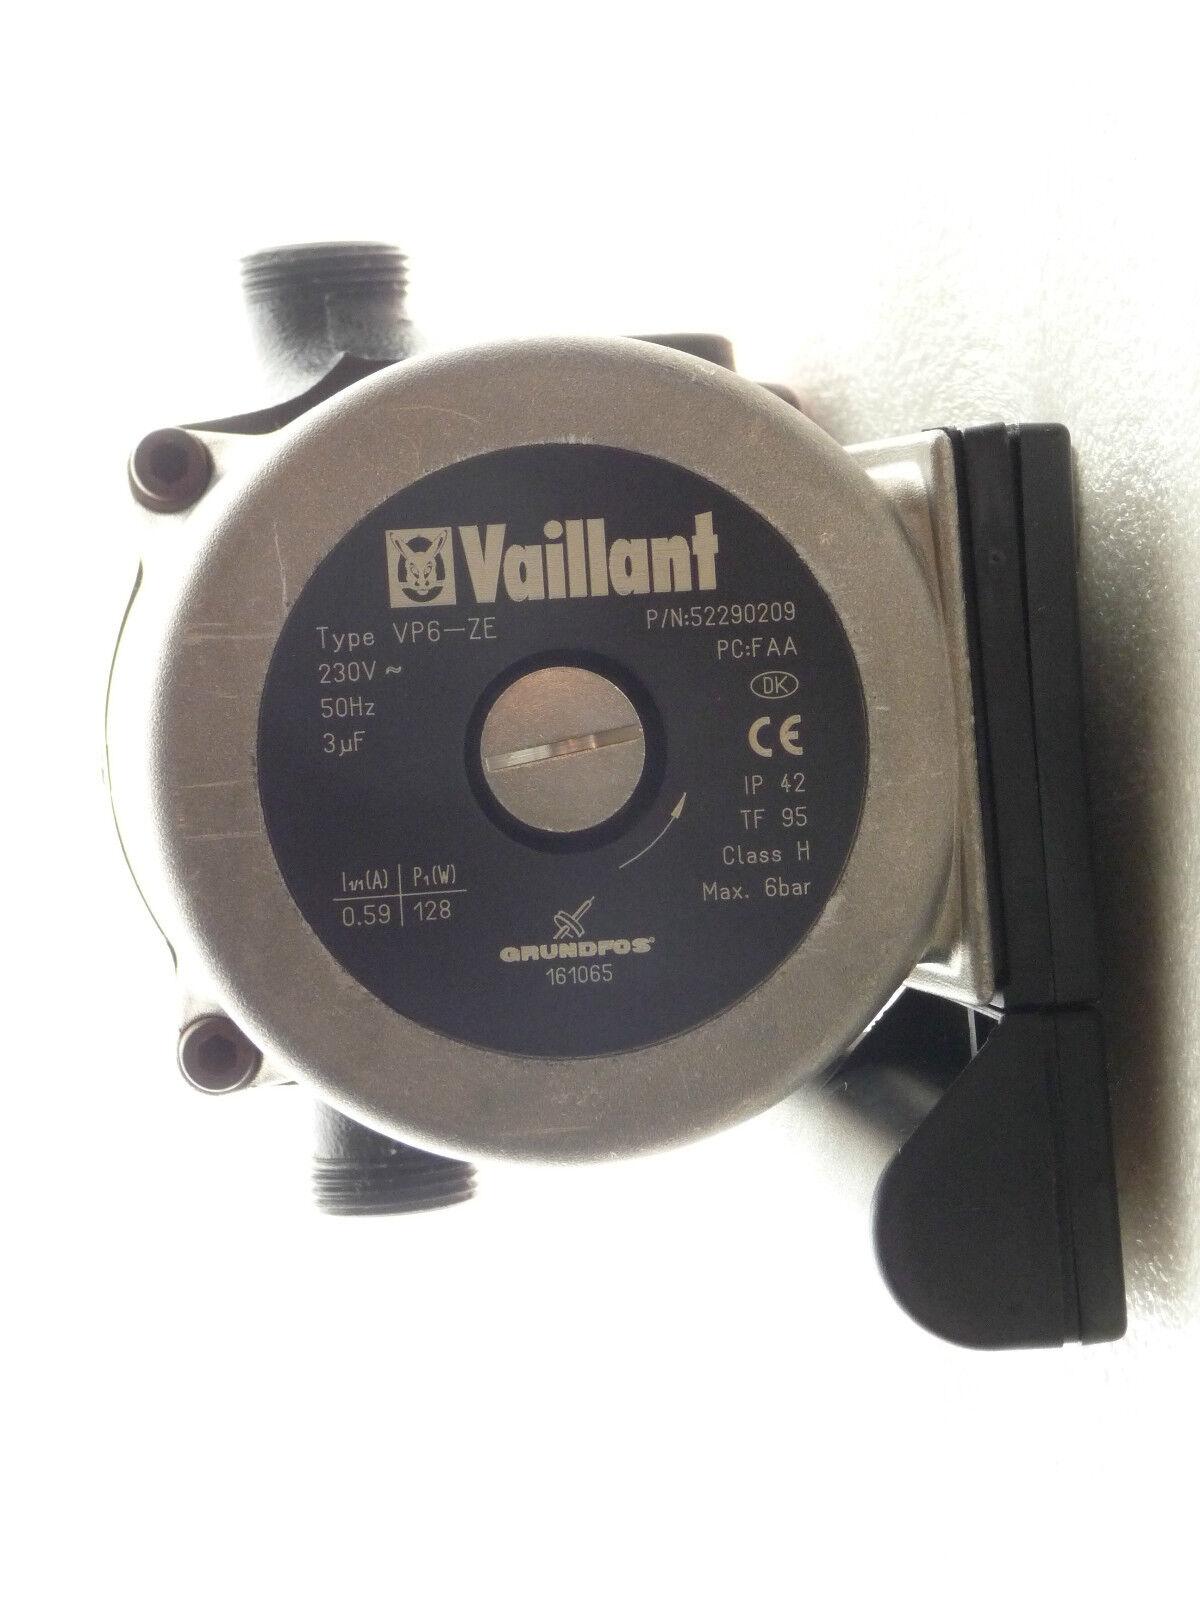 Grundfos 161065 Vaillant VP 6 ZE Heizungspumpe Heizungspumpe Heizungspumpe 230 Volt NEU P4333/18 a97289